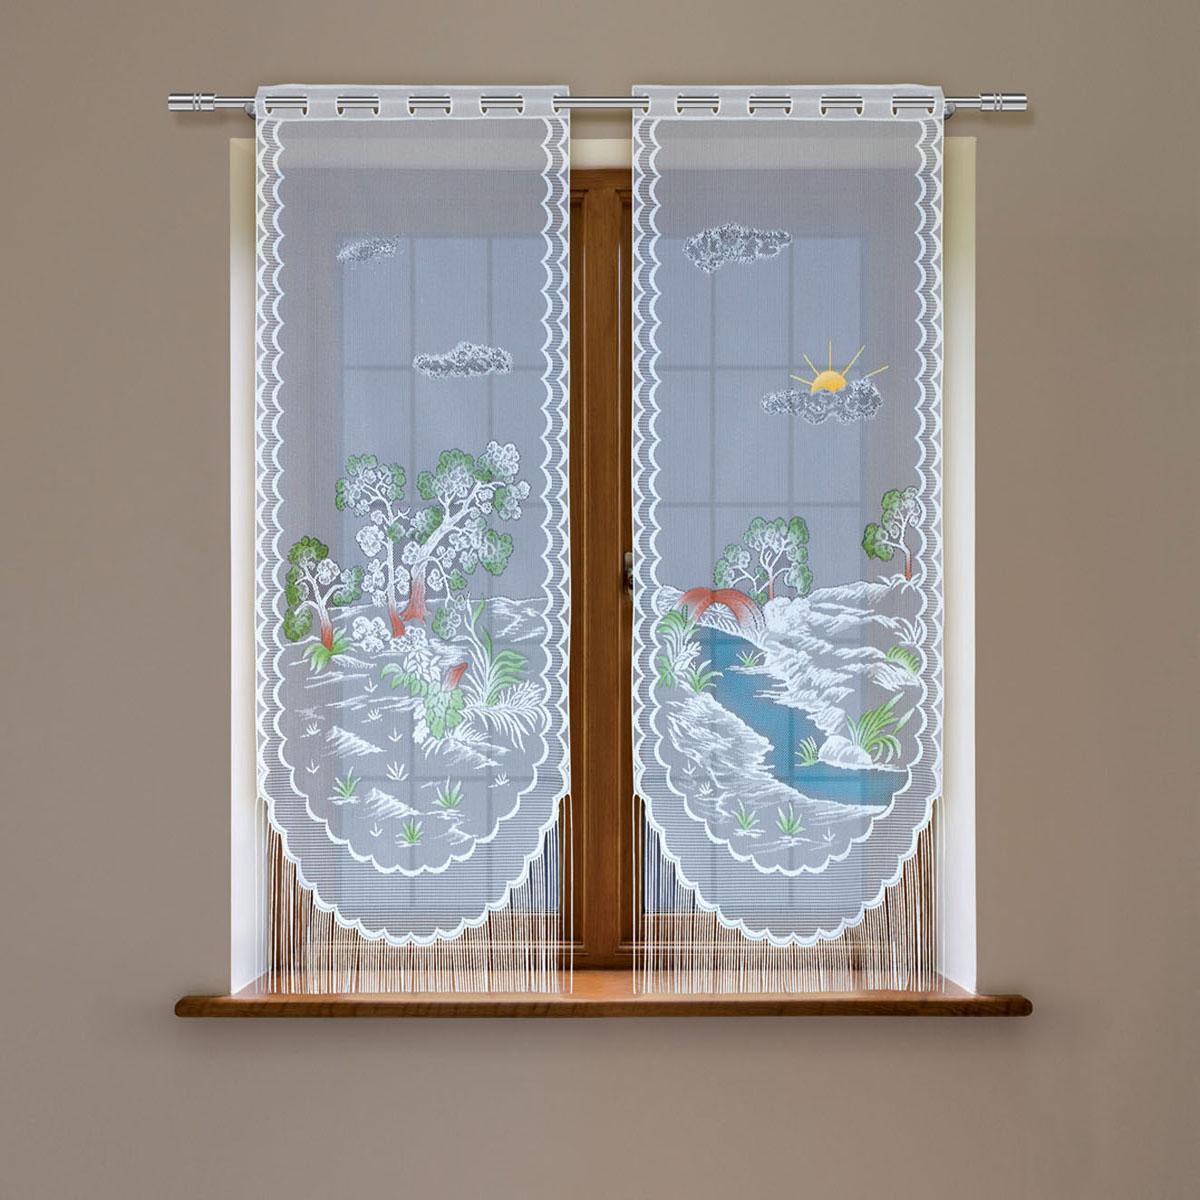 Гардина Haft, цвет: белый, высота 220 смБ132голубойГардина имеет в верхней части полотна прорези, через которые гардина-витраж вывешивается на карниз или можно крепить на зажим для штор,котрый в комплект не входит.Комплект состоит из двух полотен (выс.220* шир.60) Размеры: (высота 220* ширина 60)*2